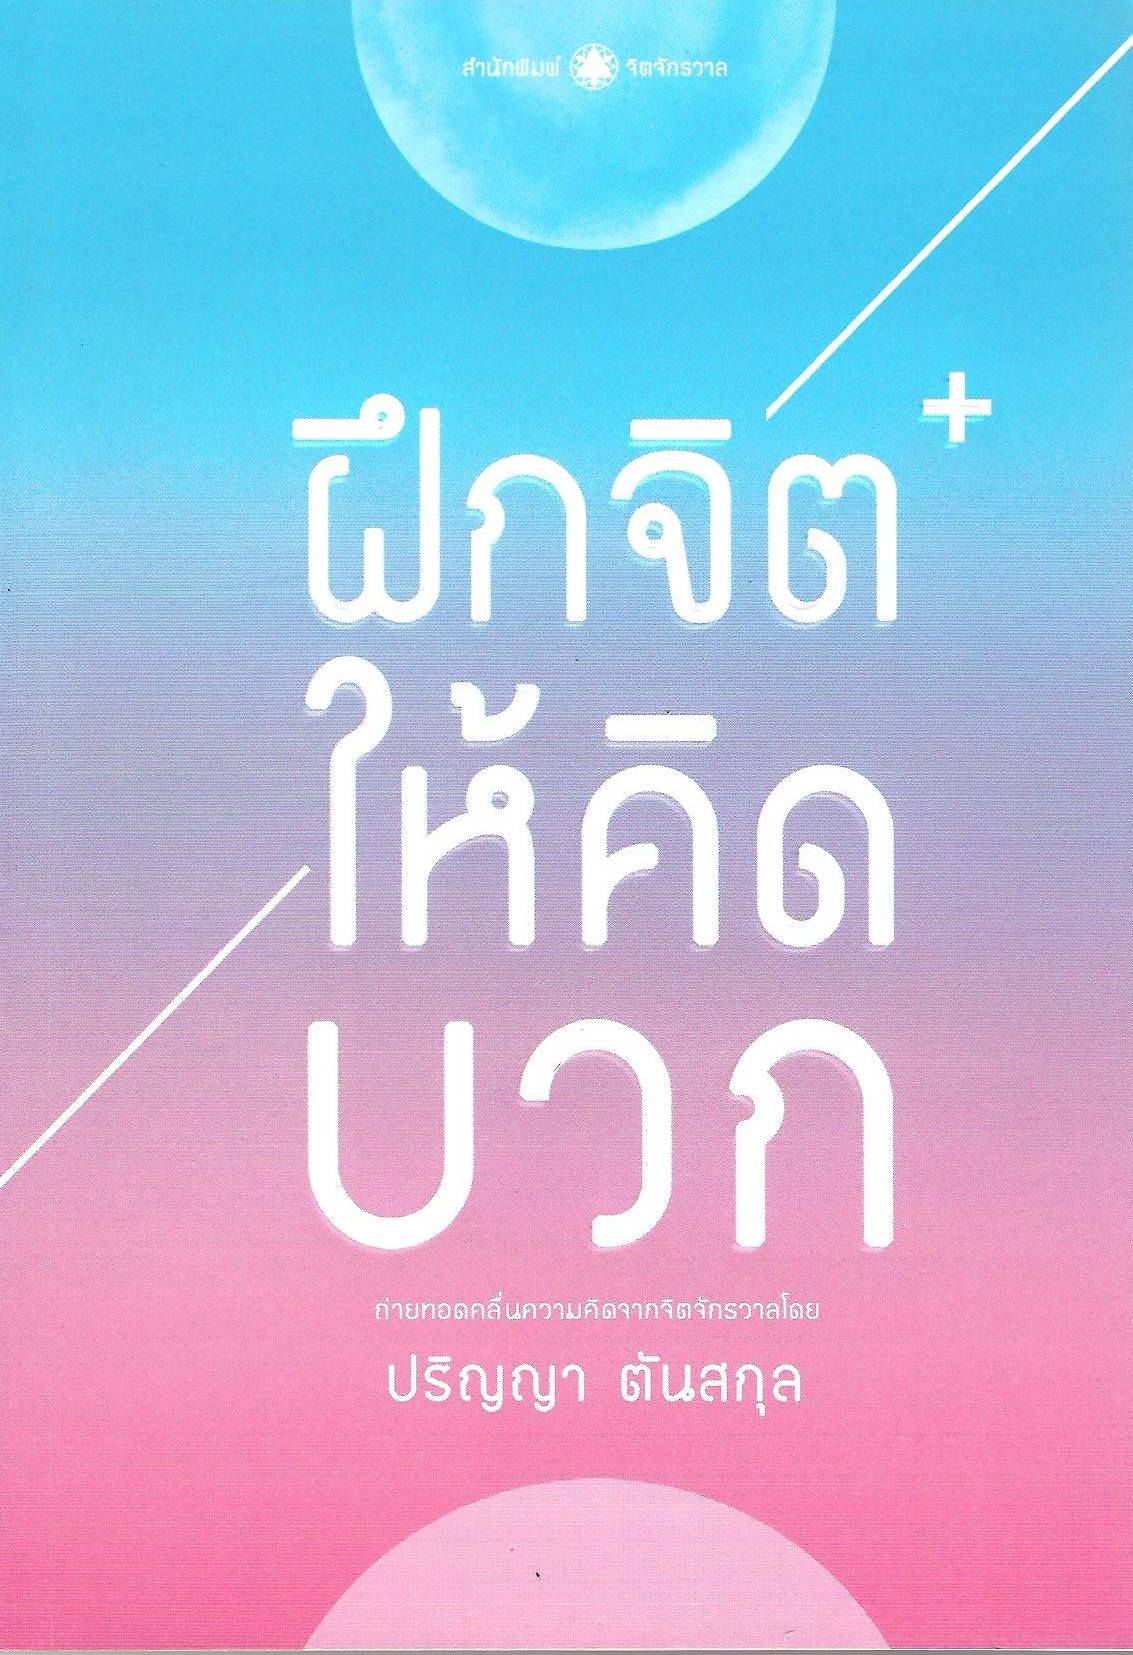 ปก-ฝึกจิต-03.jpg